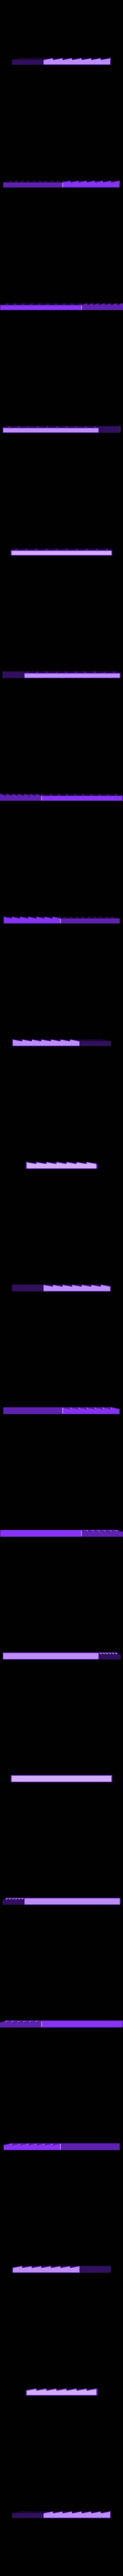 Dremelbohrer.STL Download free STL file Another Dremel Toolholder • 3D printable object, Supeso